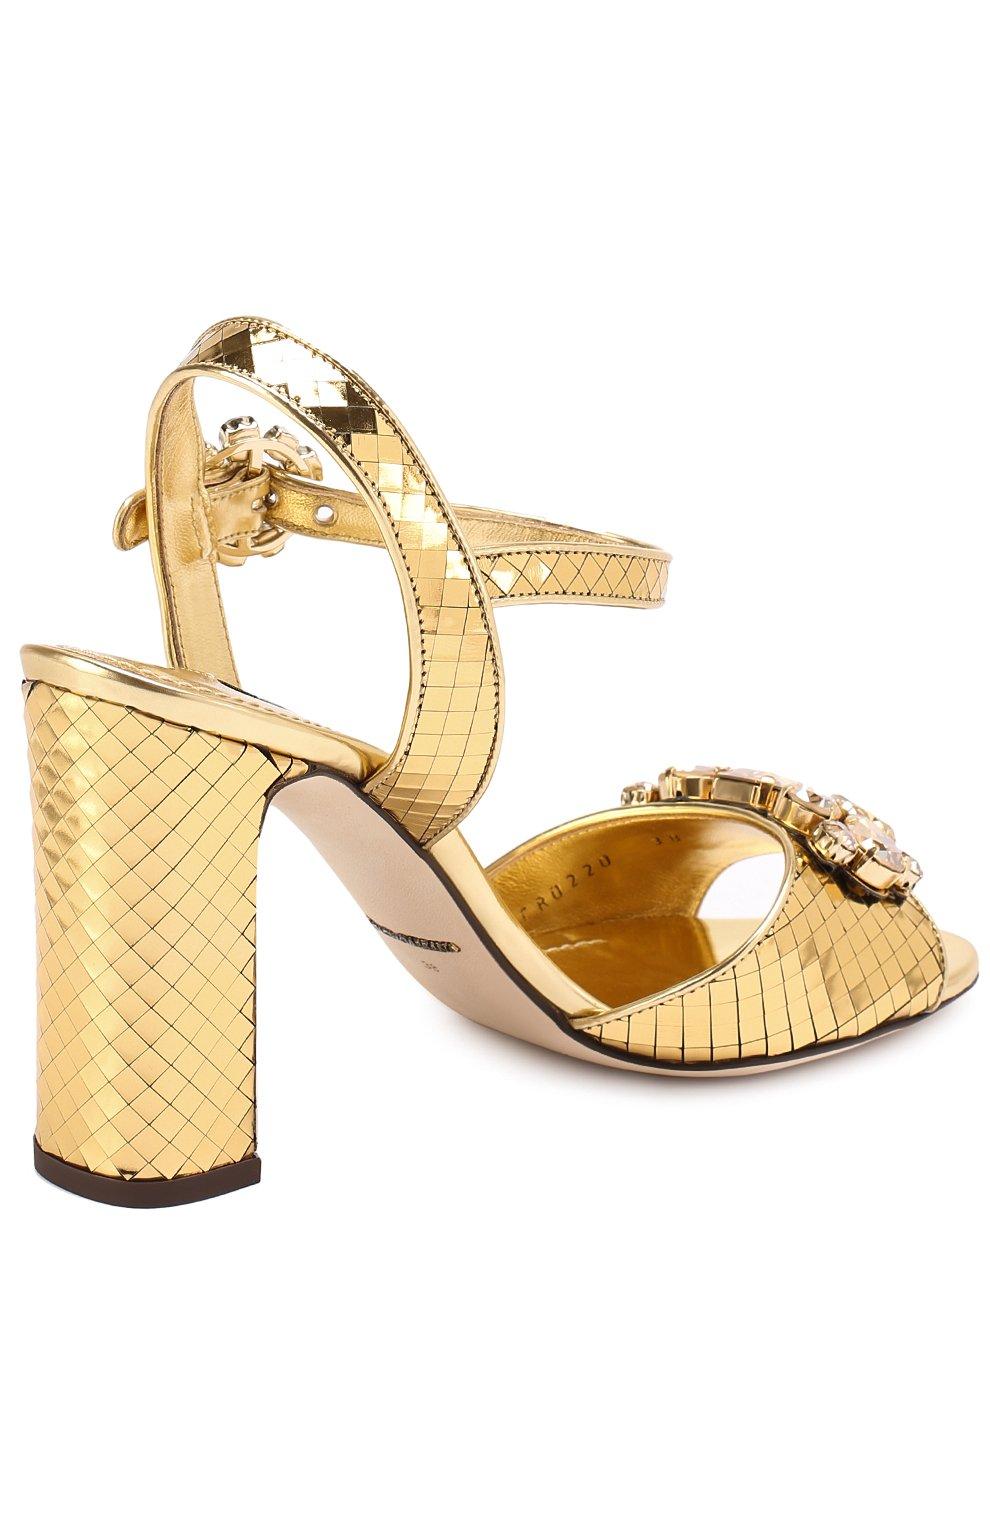 Босоножки Keira из фактурной кожи с кристаллами Dolce & Gabbana золотые | Фото №3